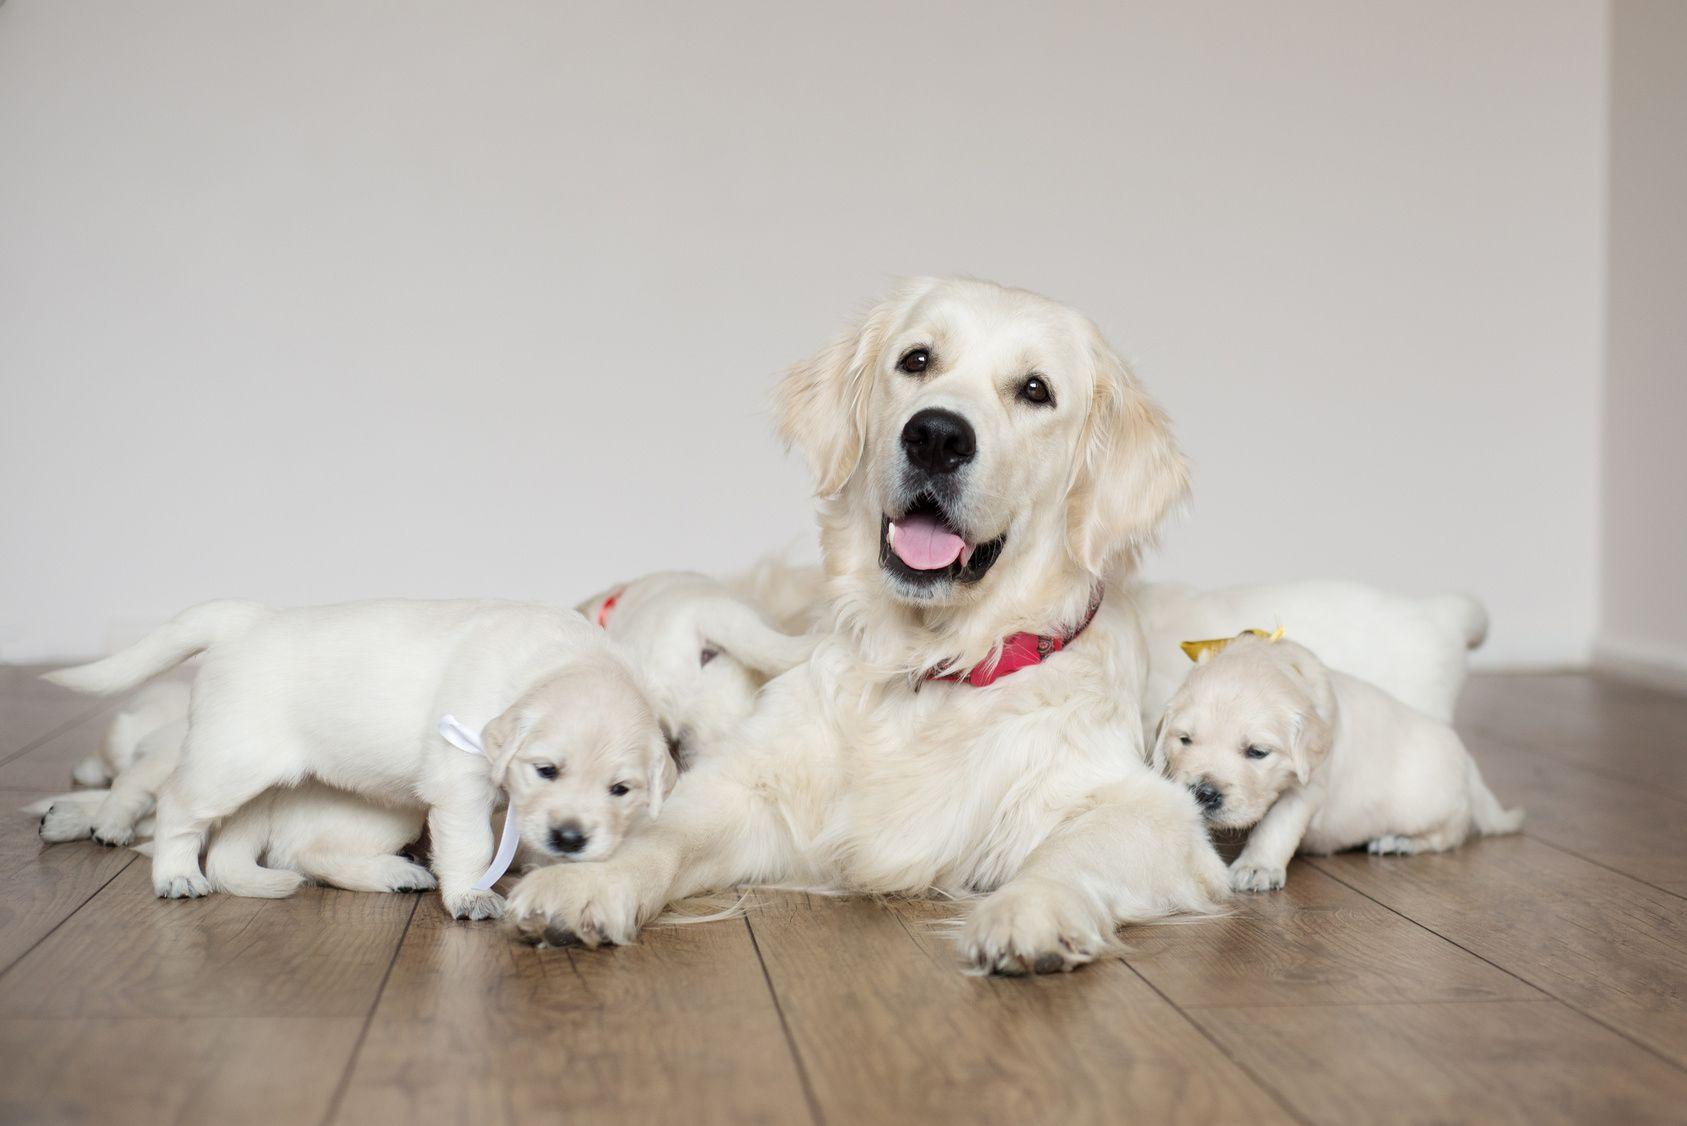 大型犬人気No.1!「ゴールデン・レトリーバー」の特徴や性格・病気・飼い方は?